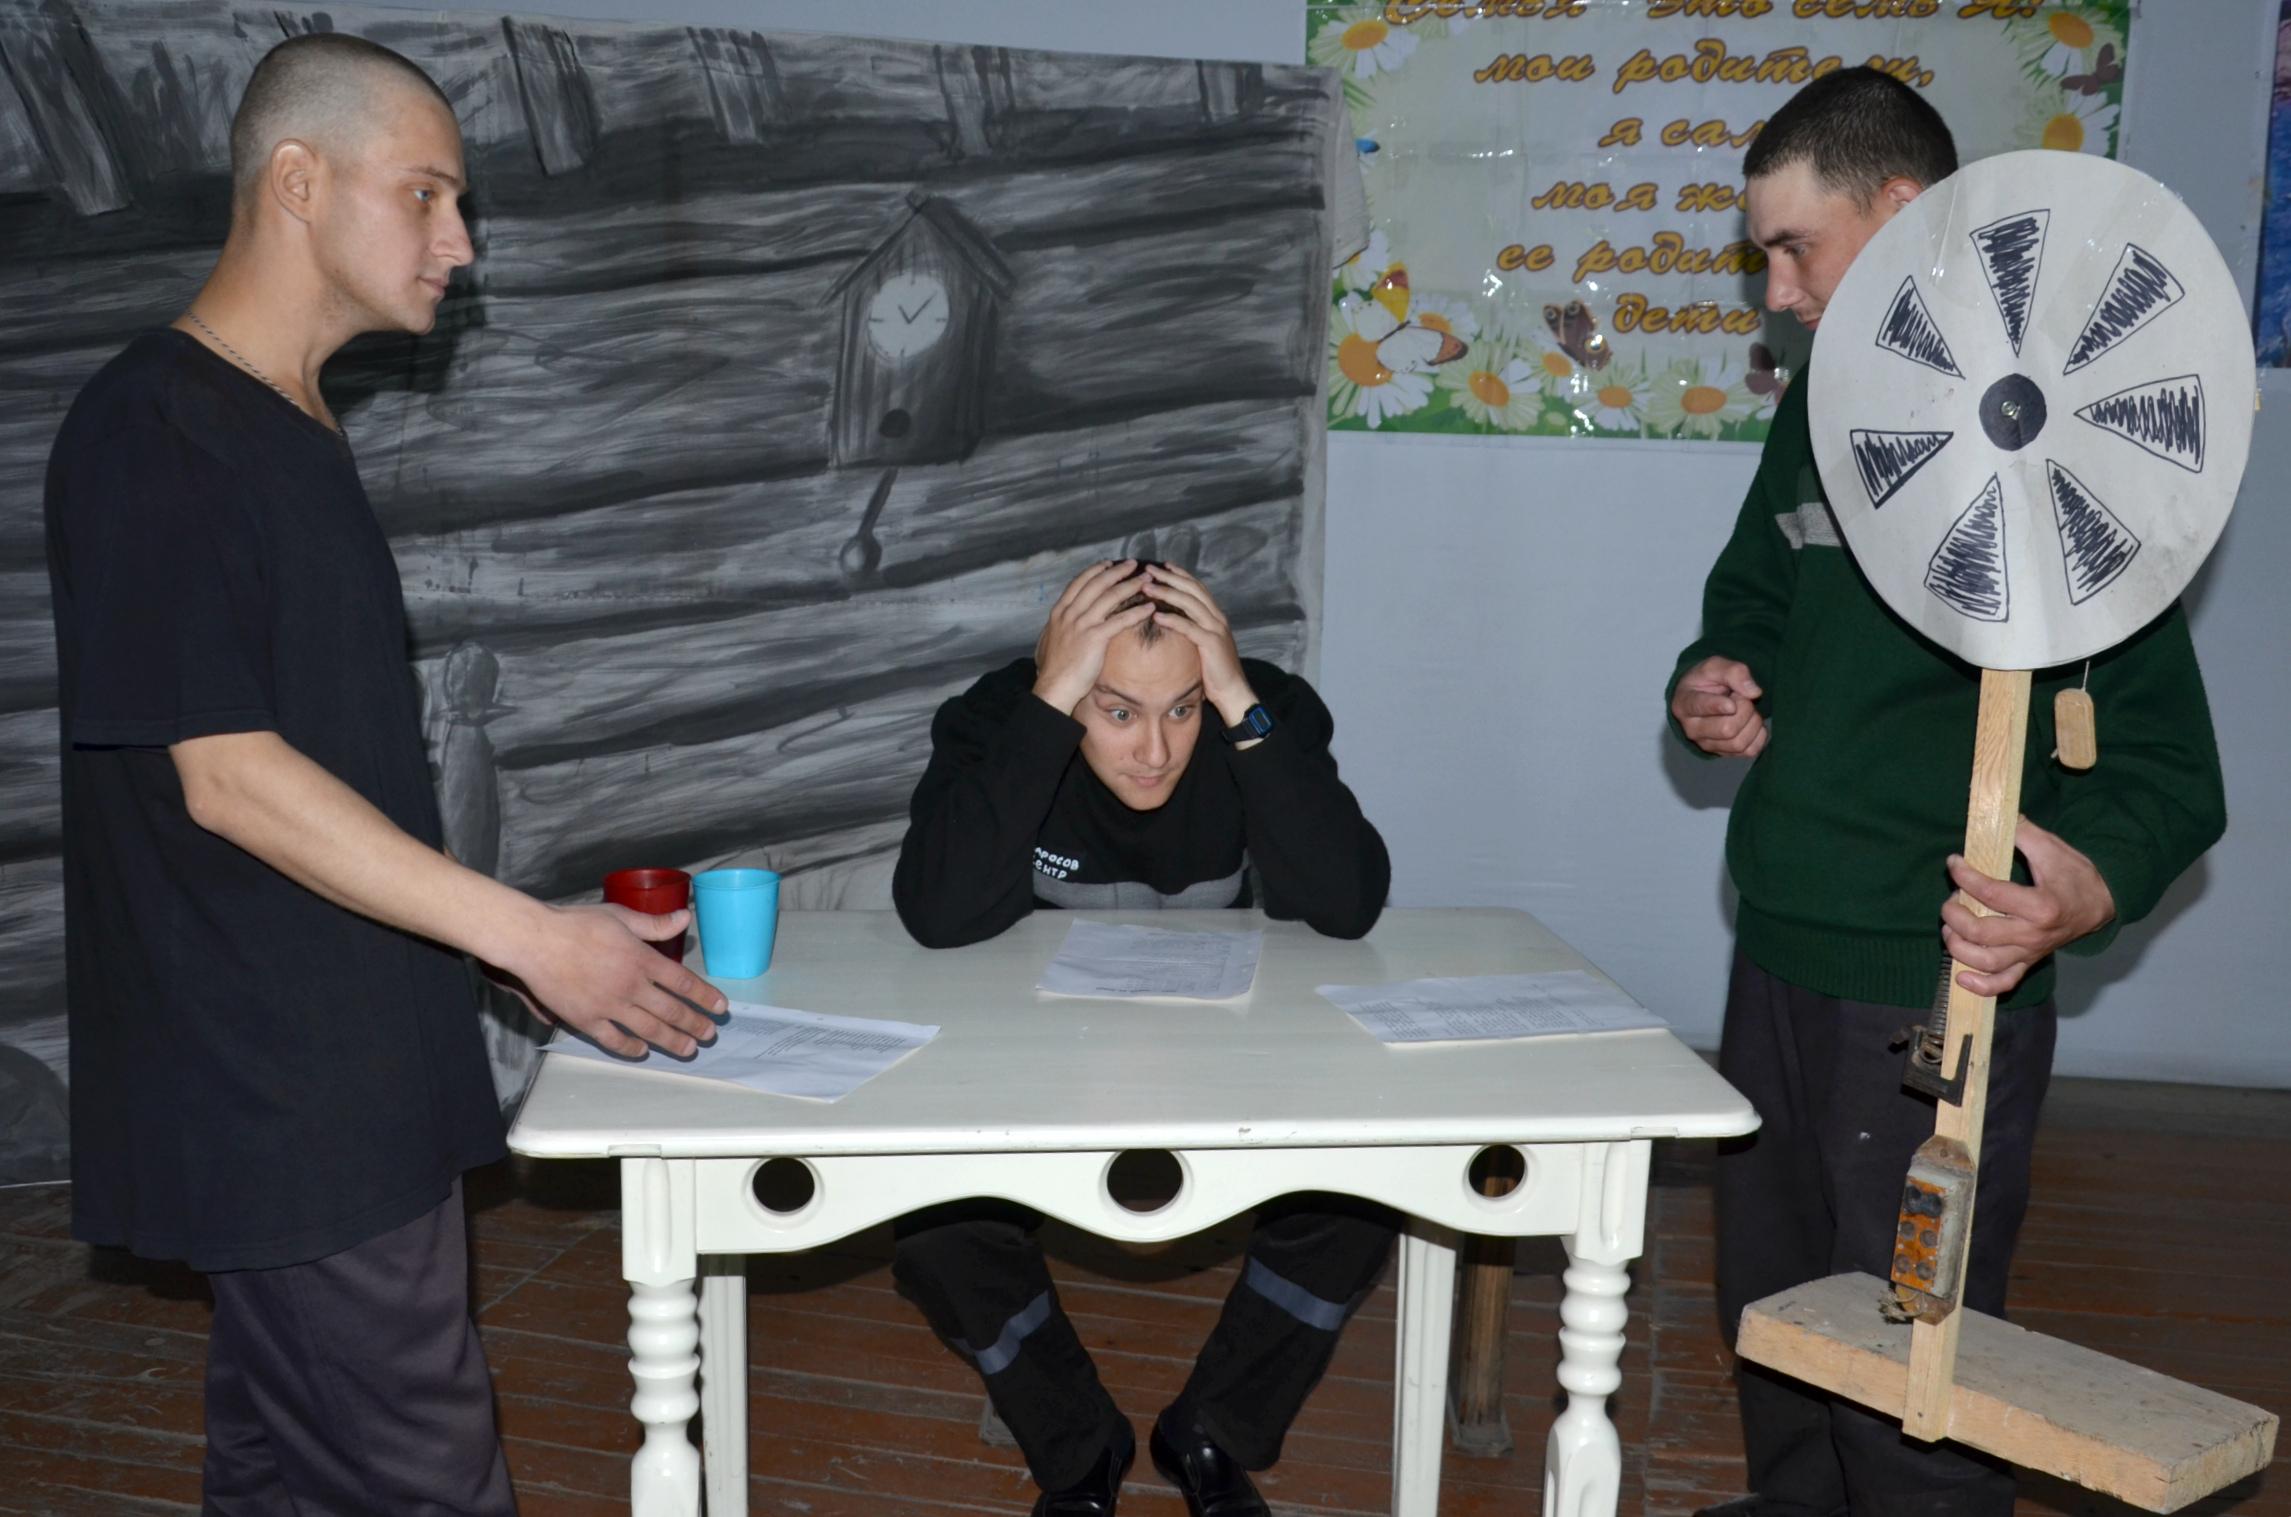 В ИК-5 УФСИН России по Алтайскому краю осужденные поставили спектакль по рассказу Василия Шукшина